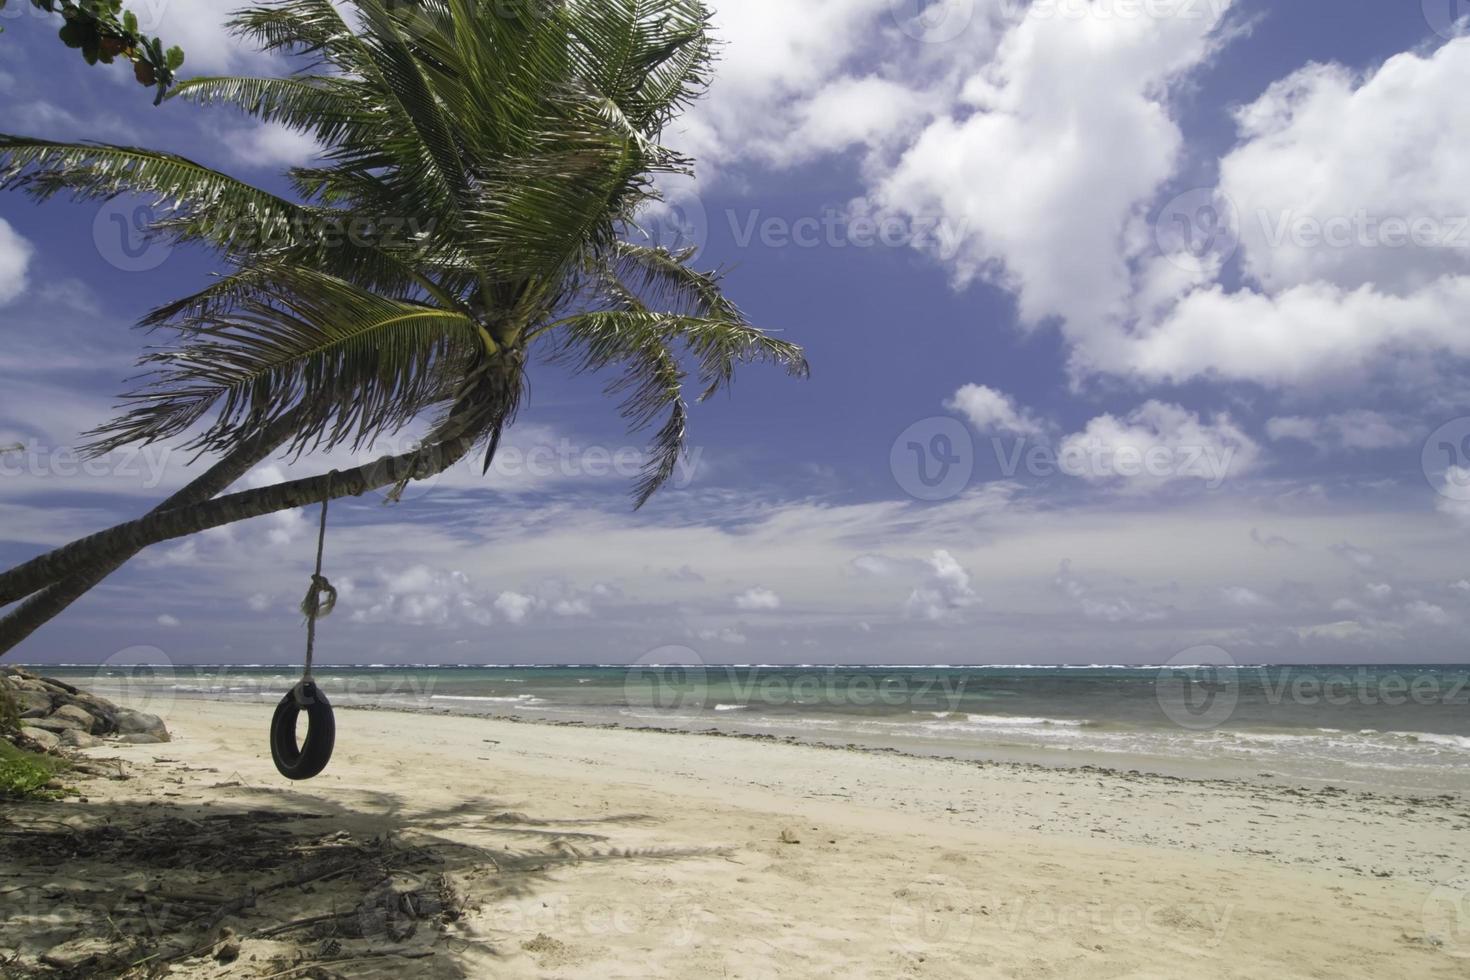 balanço de pneu de praia tropical foto